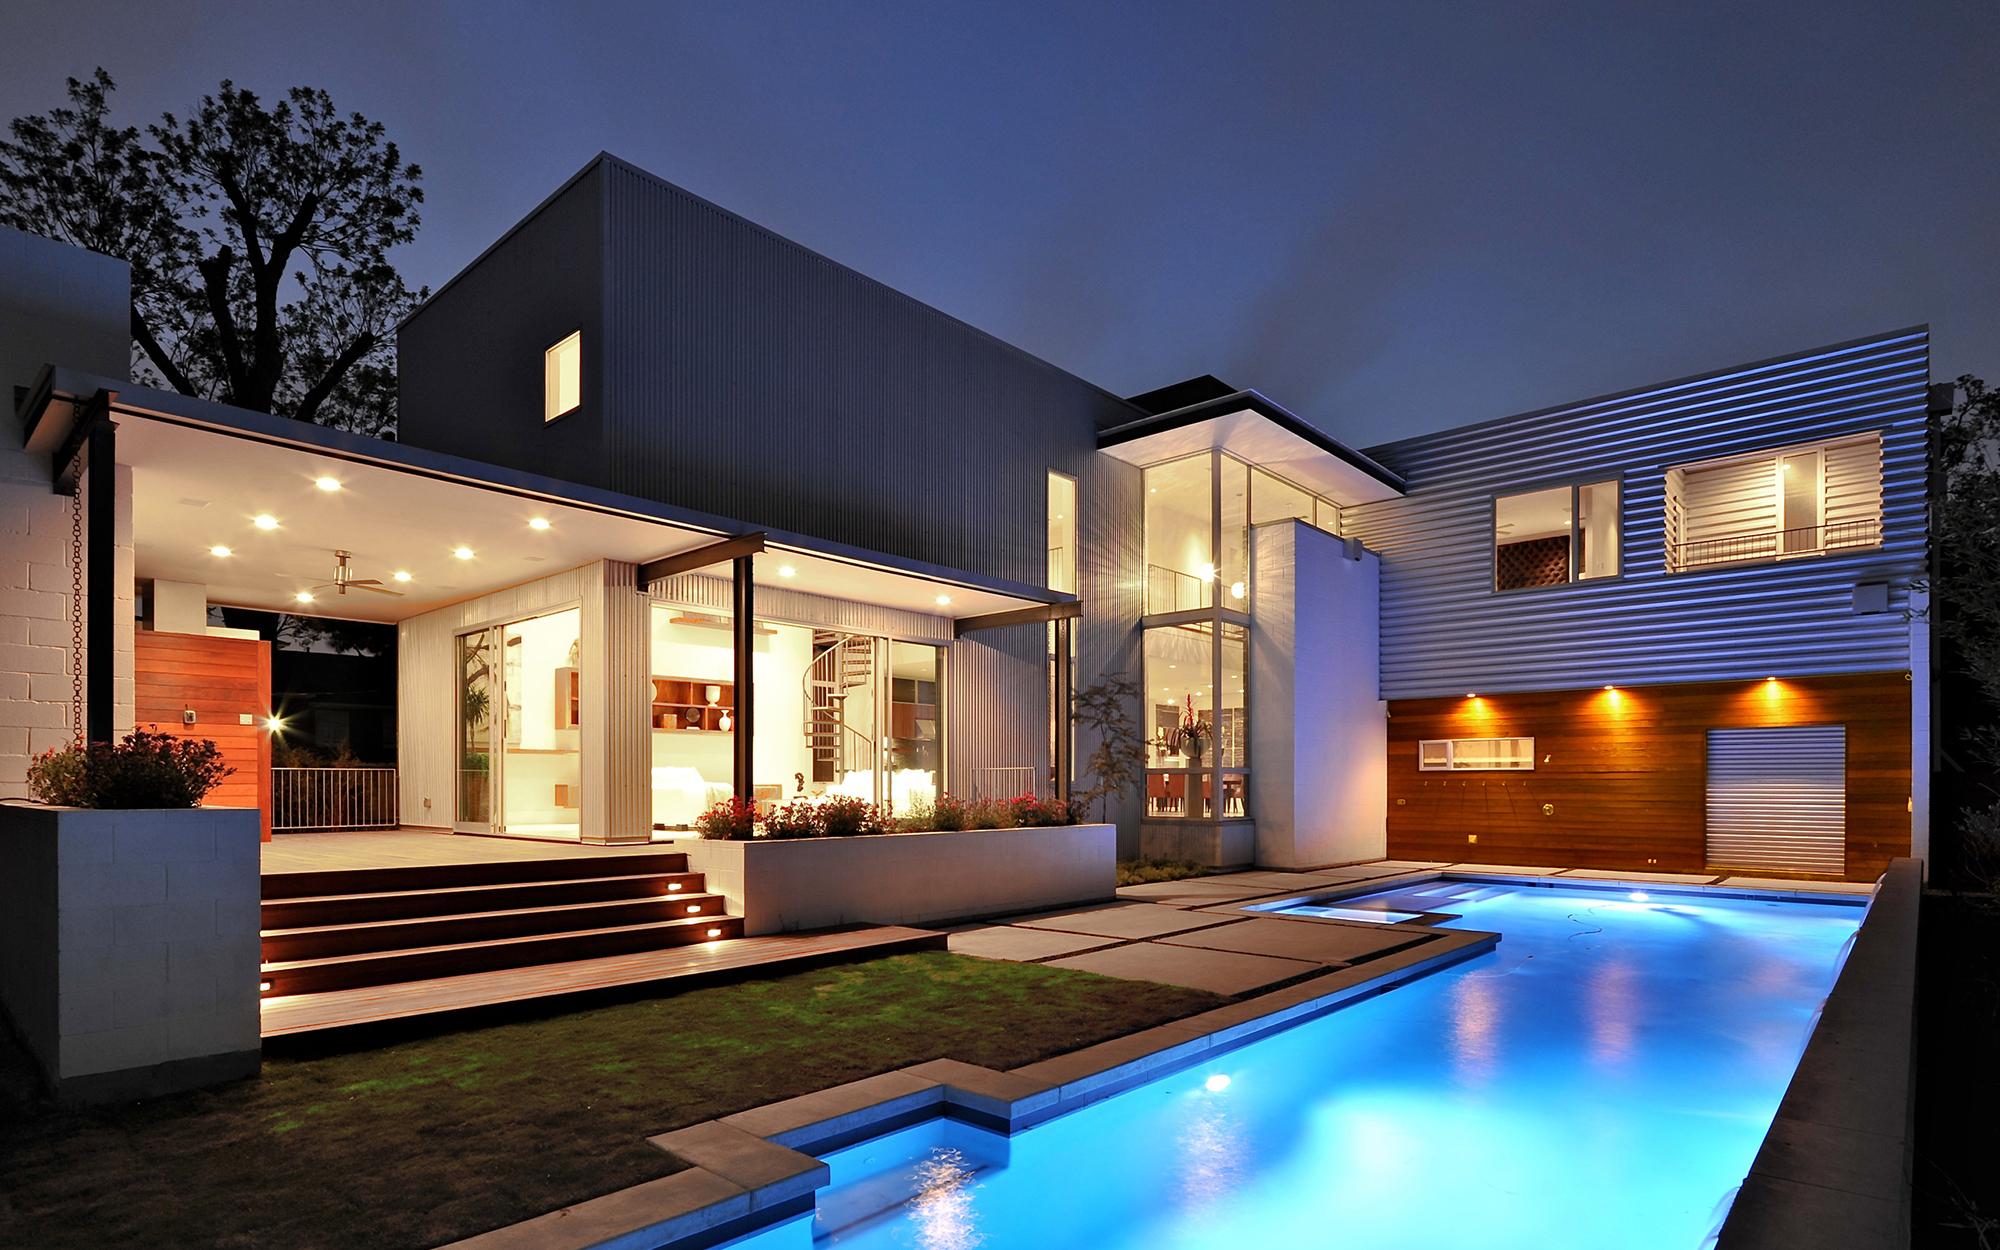 Современный дом с бассейном в стиле хай-тек